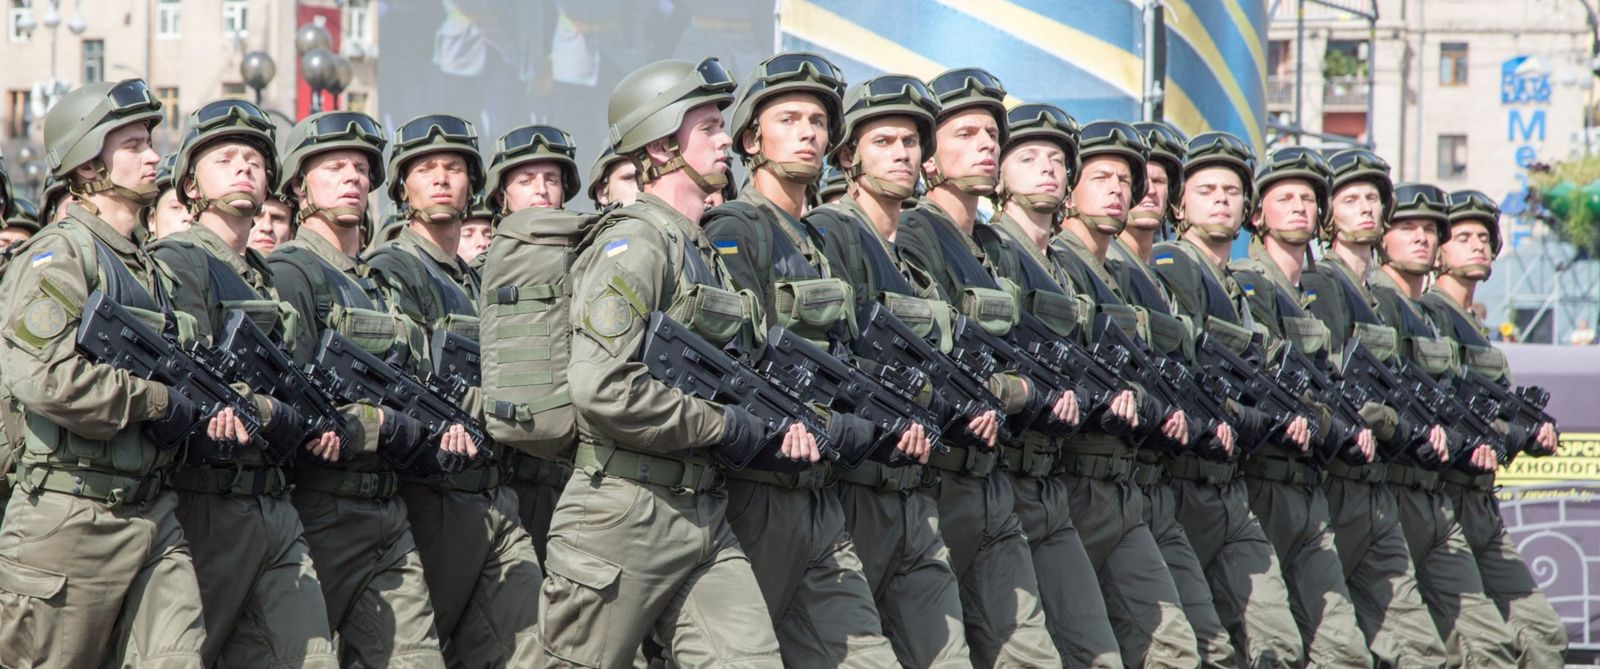 Ukraine feiert Unabhängigkeit mit Militärparade